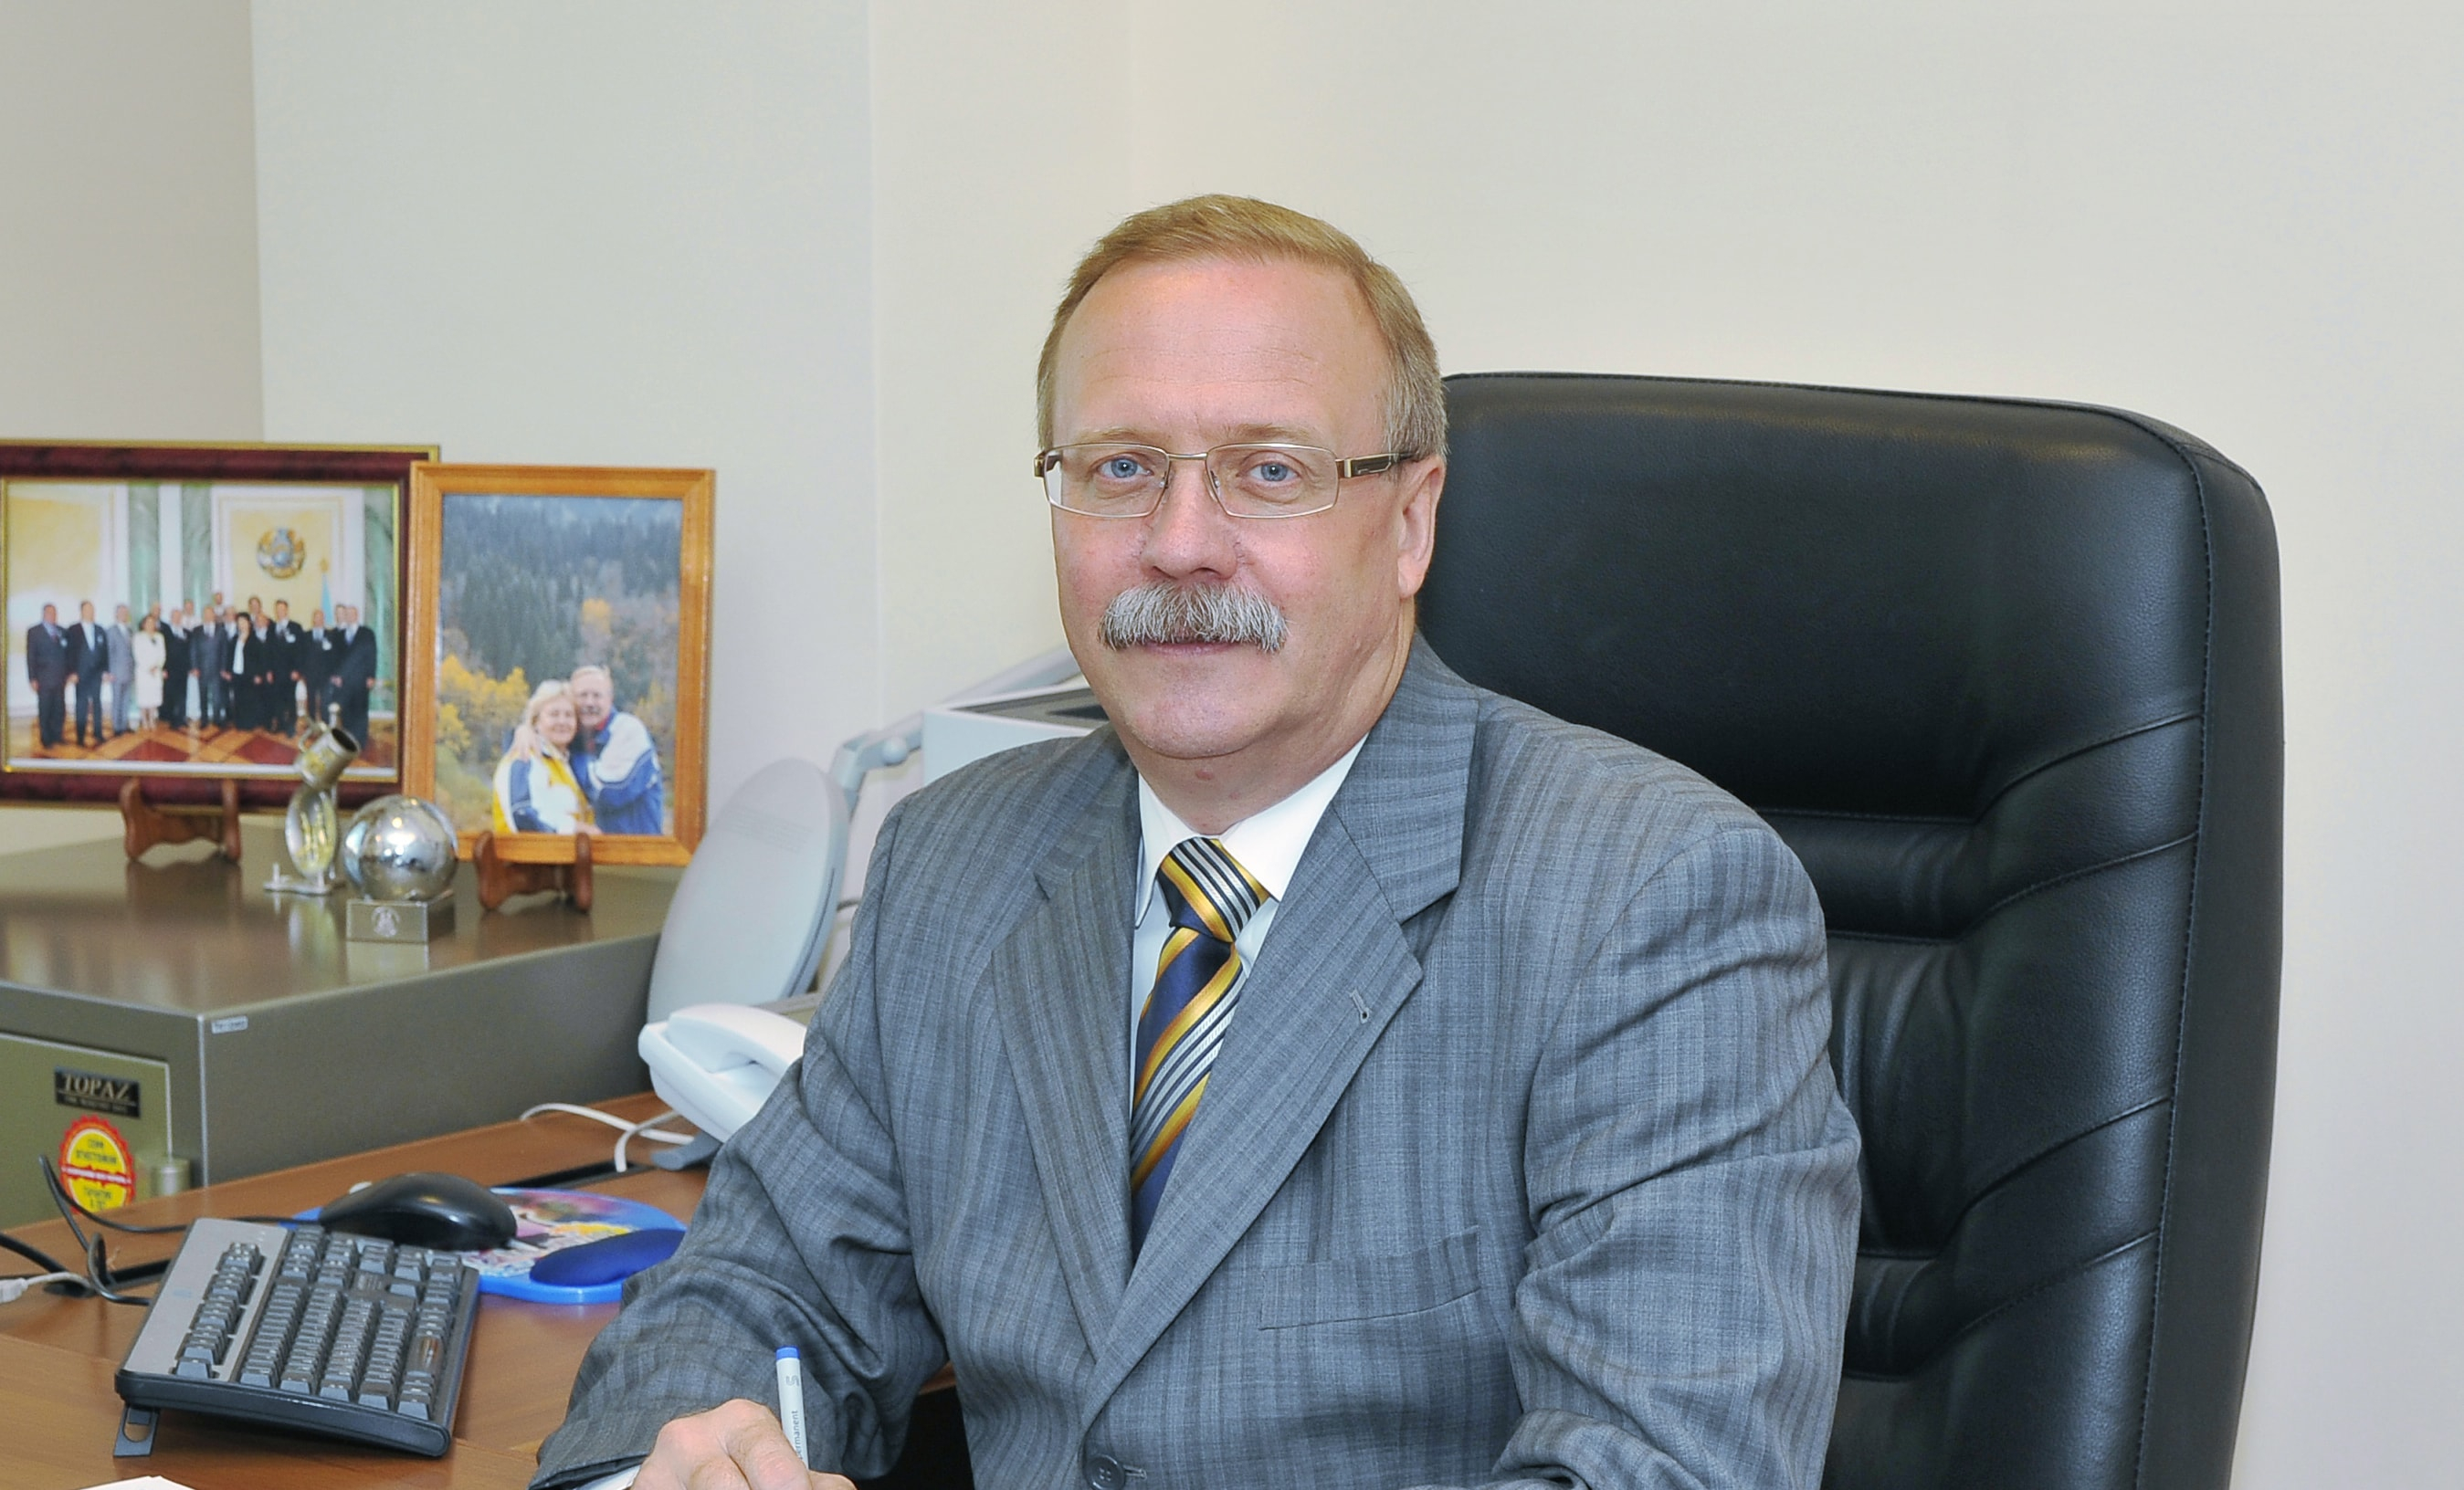 Малиновский Конституциялық кеңес мүшесі болып тағайындалды